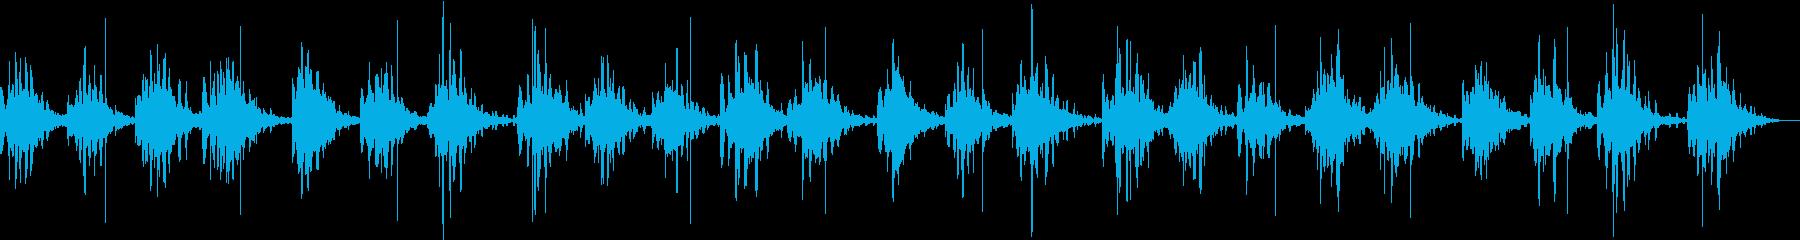 脳の活性化を促すヒーリングミュージックの再生済みの波形